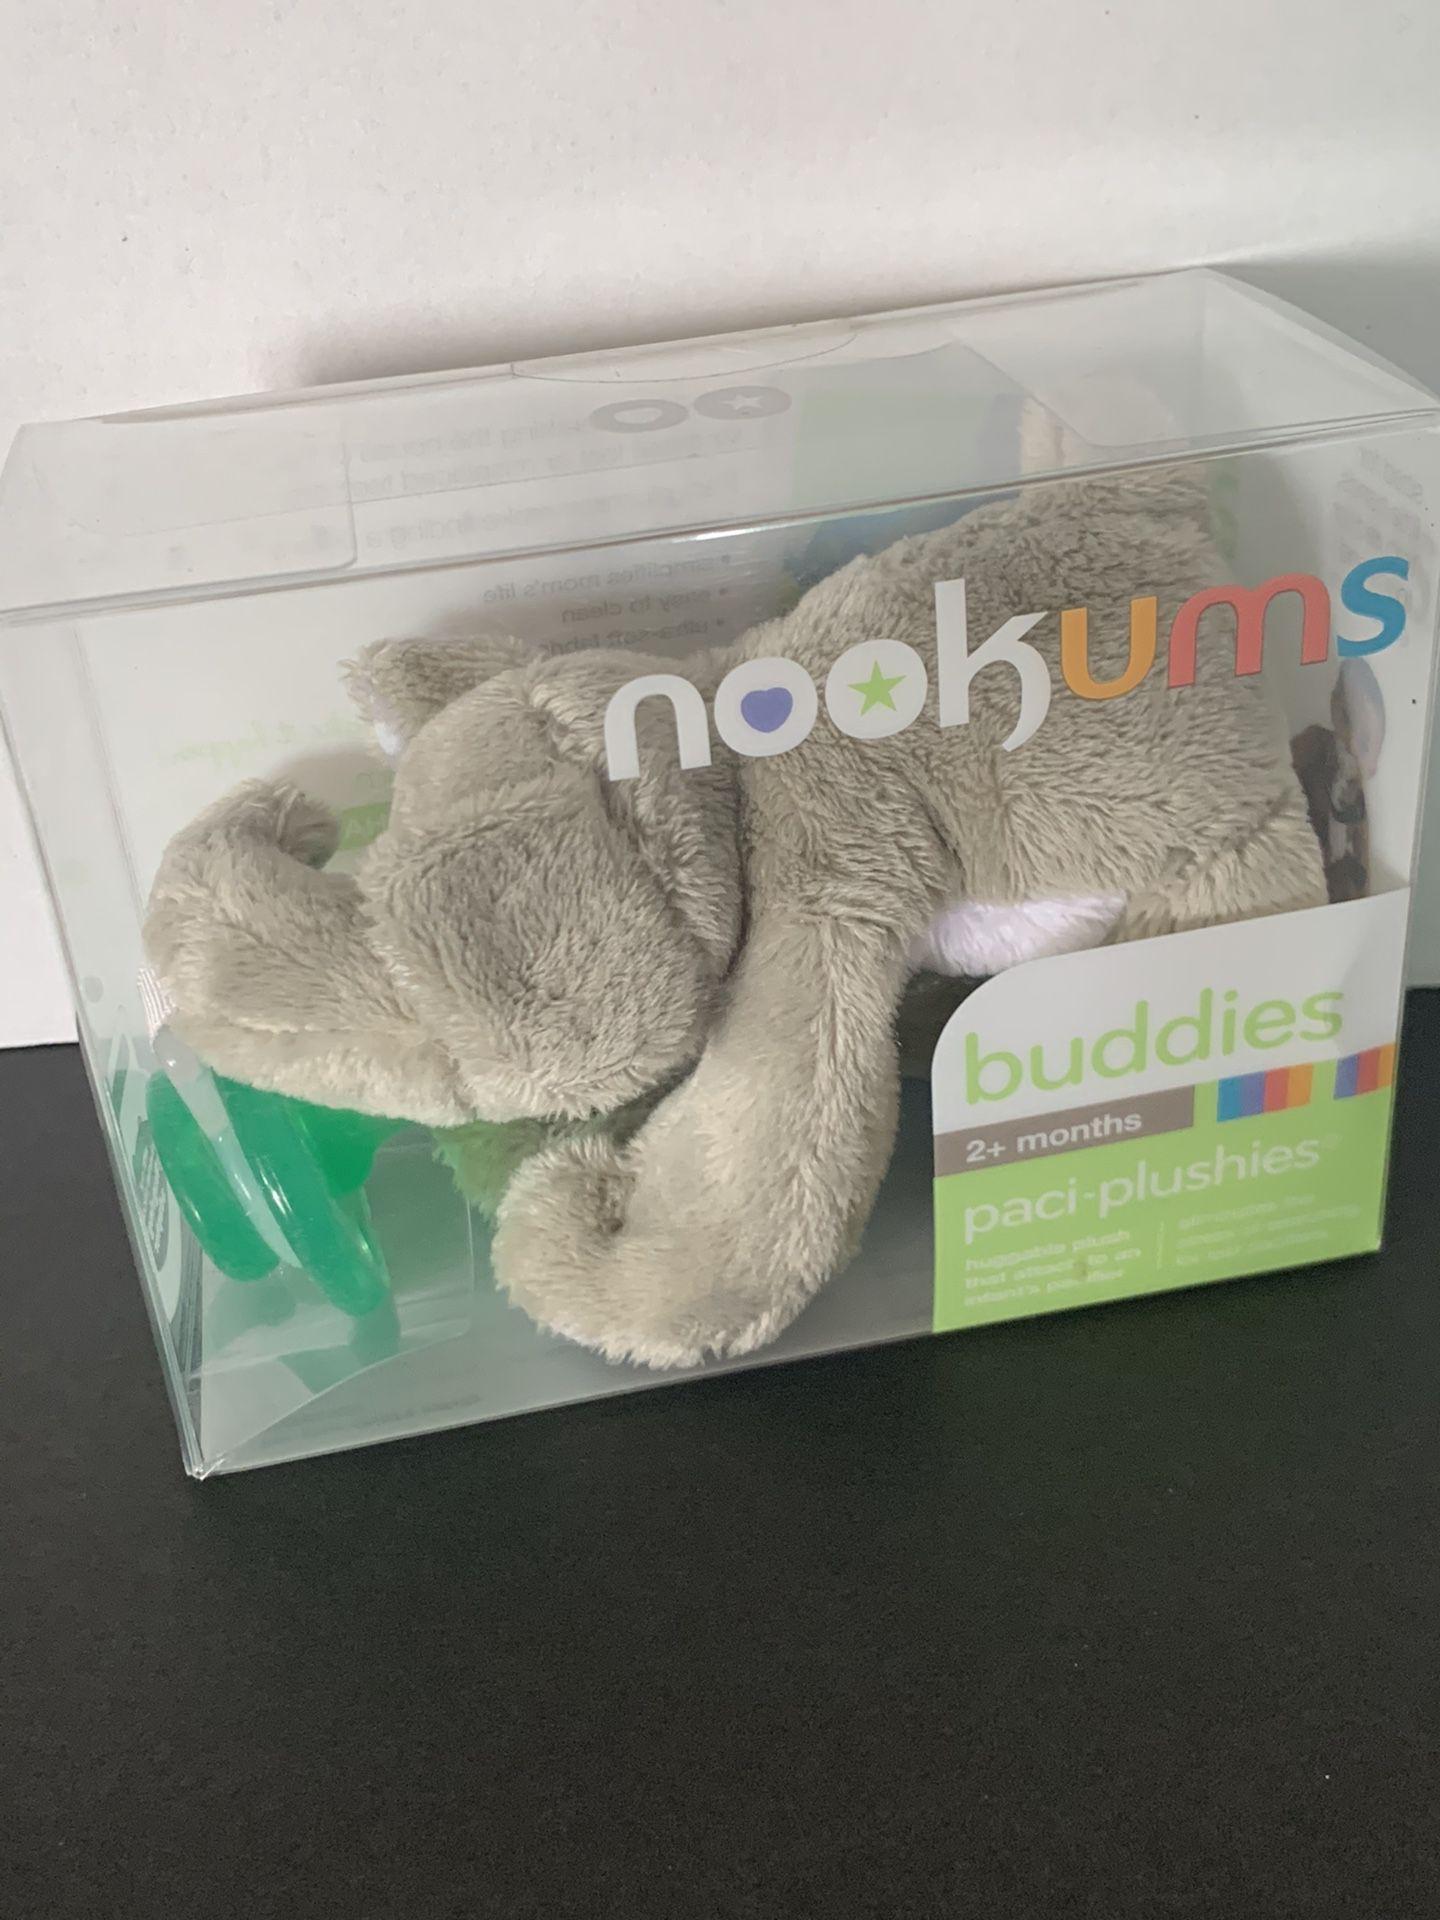 Nookums buddies pacifier 2+ months